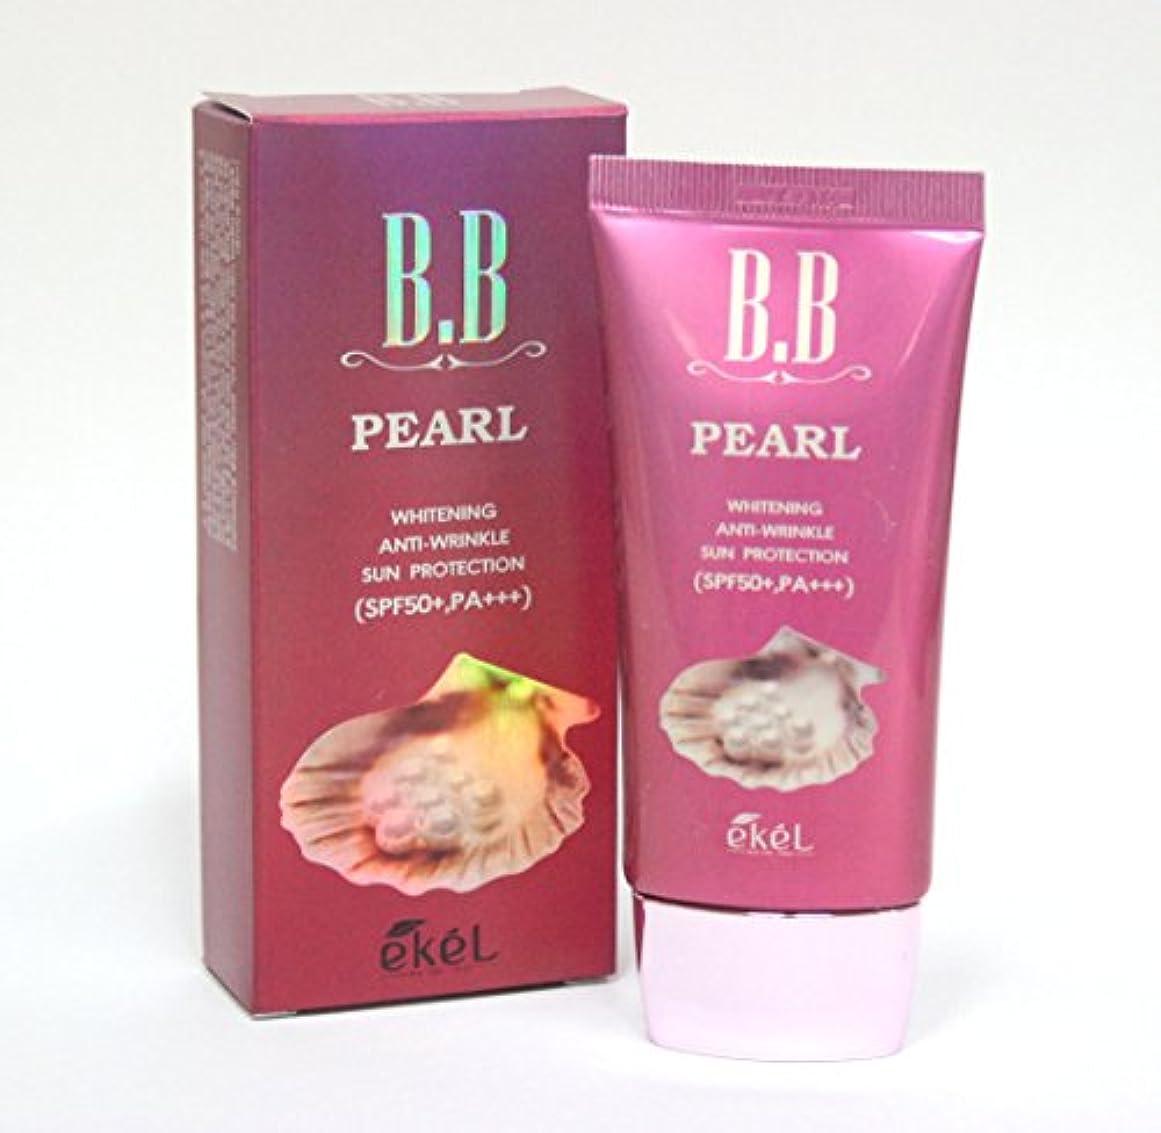 酔った褐色吸収剤[Ekel] パールBBクリーム50ml / Pearl BB Cream 50ml / ホワイトニング、アンチリンクル、日焼け防止SPF50 + PA +++ / Whitening, Anti-wrinkle, Sun...